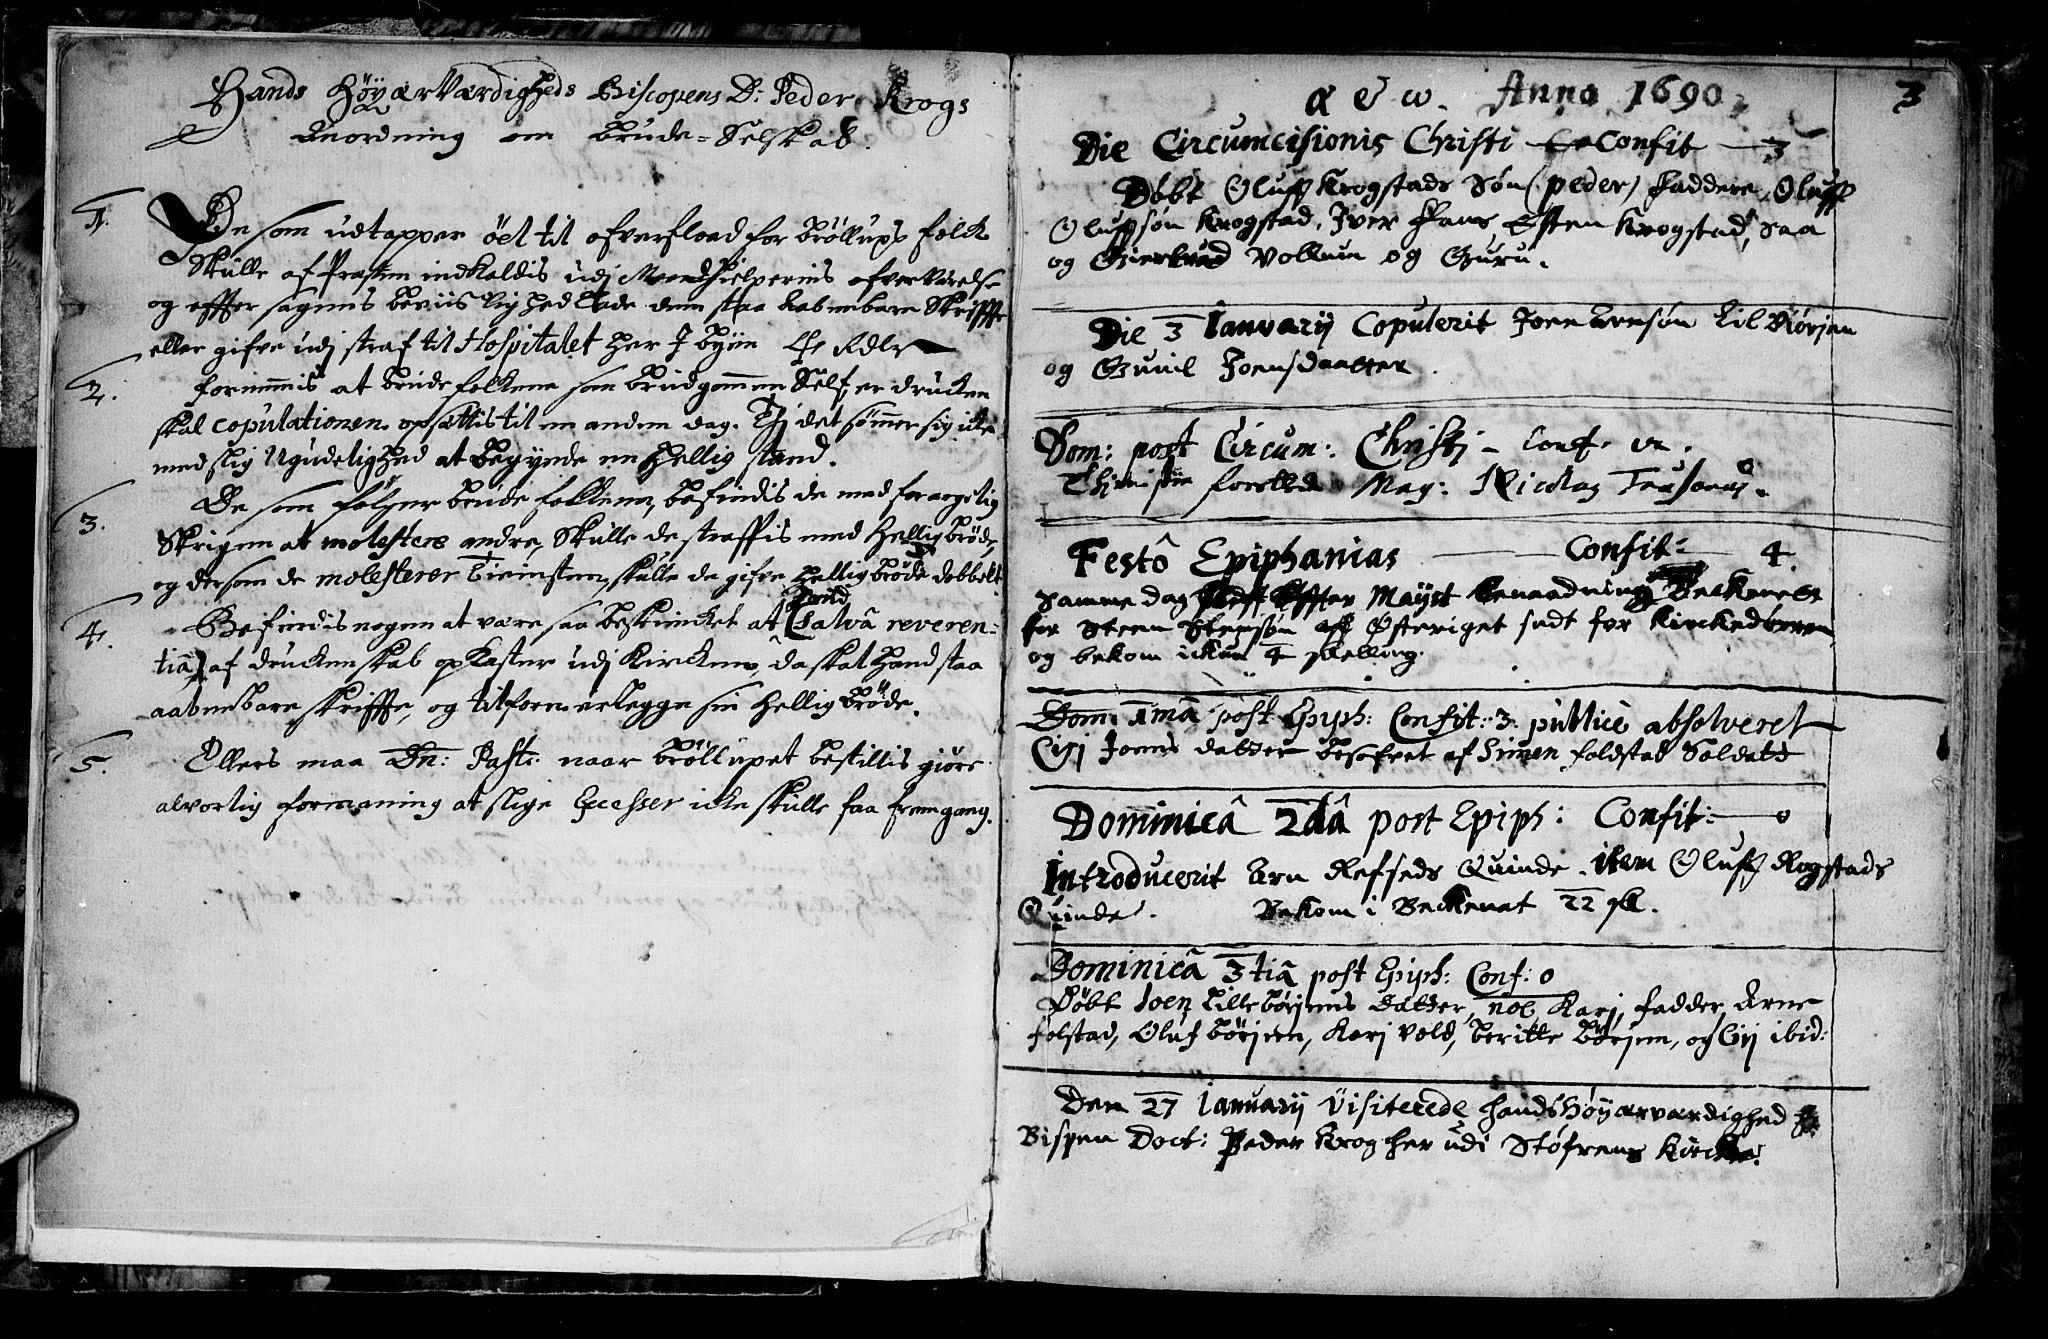 SAT, Ministerialprotokoller, klokkerbøker og fødselsregistre - Sør-Trøndelag, 687/L0990: Ministerialbok nr. 687A01, 1690-1746, s. 3